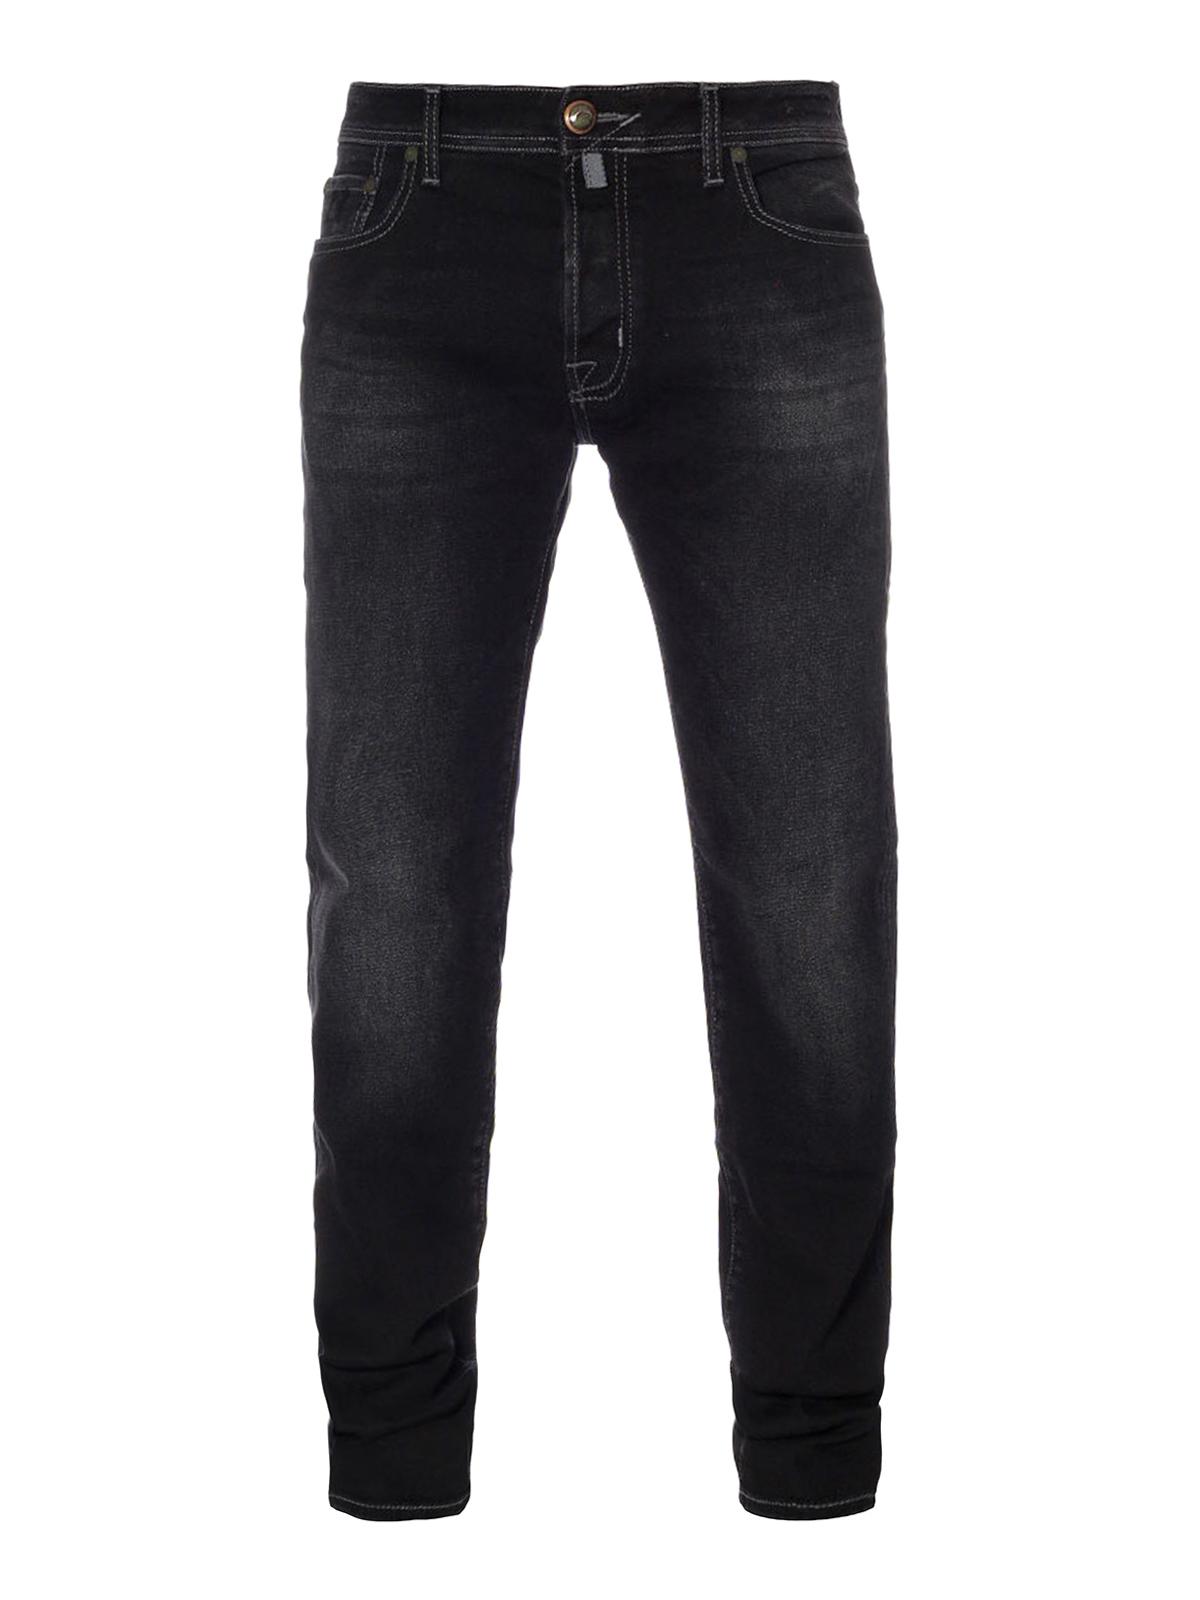 Faded black cotton denim jeans by jacob cohen straight - Jacob cohen denim ...